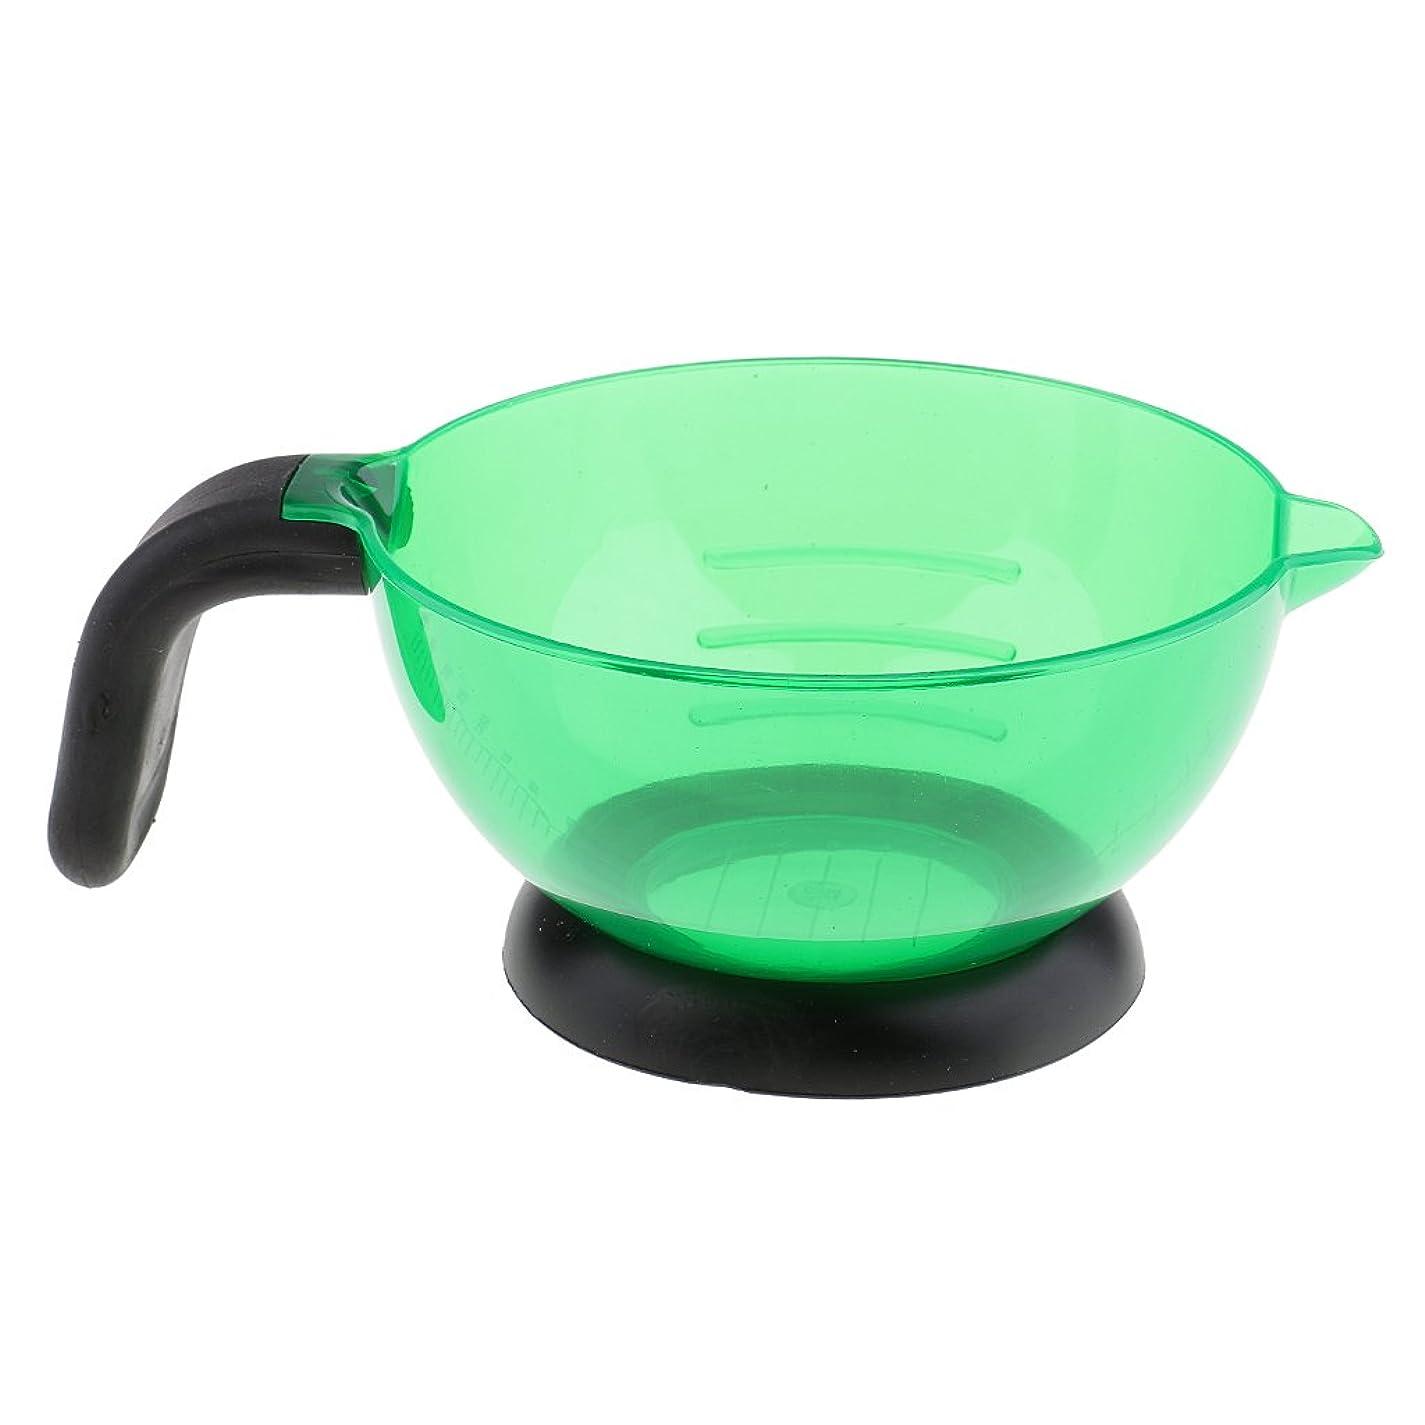 ブラジャー他の場所パケットSONONIA シリコン 美容サロン ヘアカラー 染め用具 漂白 染剤ボウル 全3色選べ - 緑